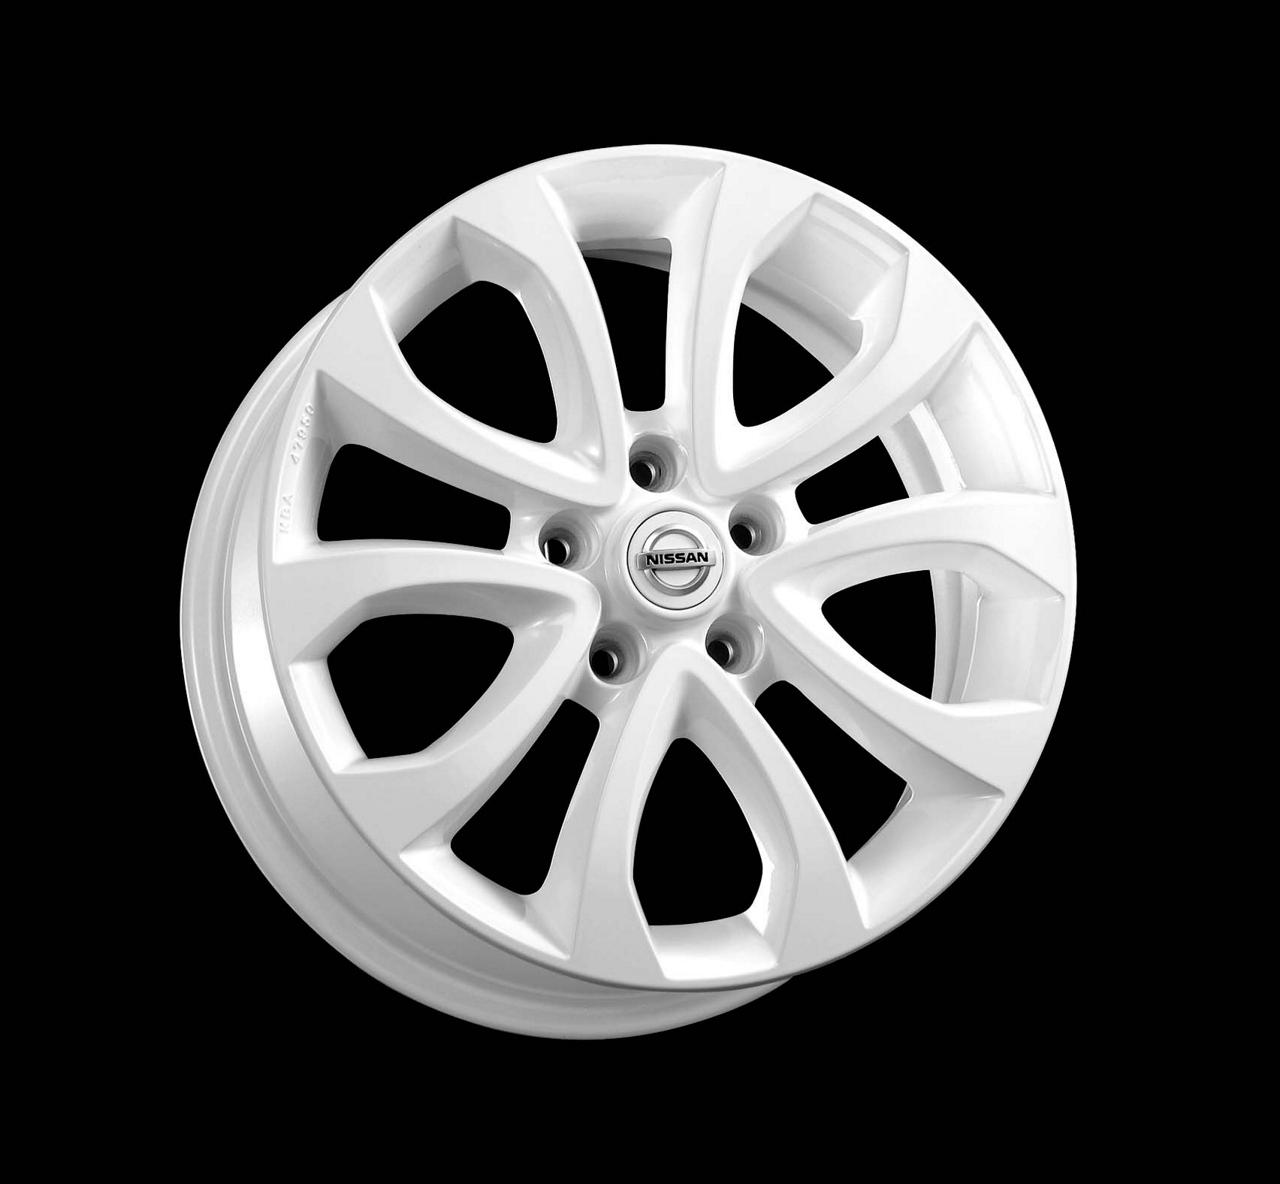 KE4091K200W1 Диск колеса литой F15E R17х6.5J (белый)